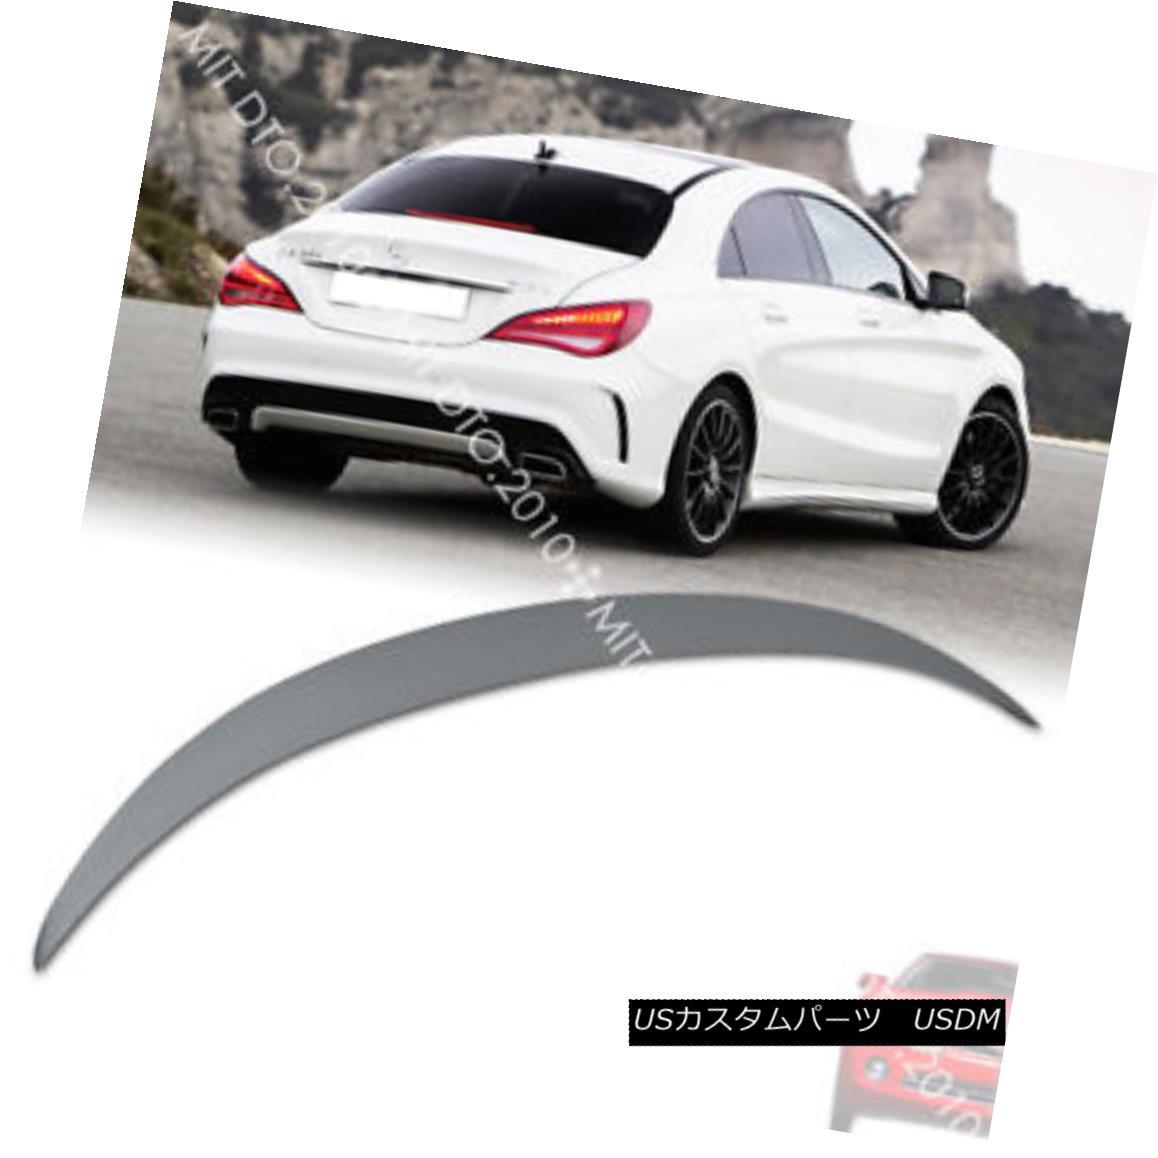 エアロパーツ Mercedes BENZ C117 W117 CLA-Class CLA180 CLA200 Trunk Spoiler FRP 14up § メルセデスベンツC117 W117 CLAクラスCLA180 CLA200トランクスポイラーFRP 14up